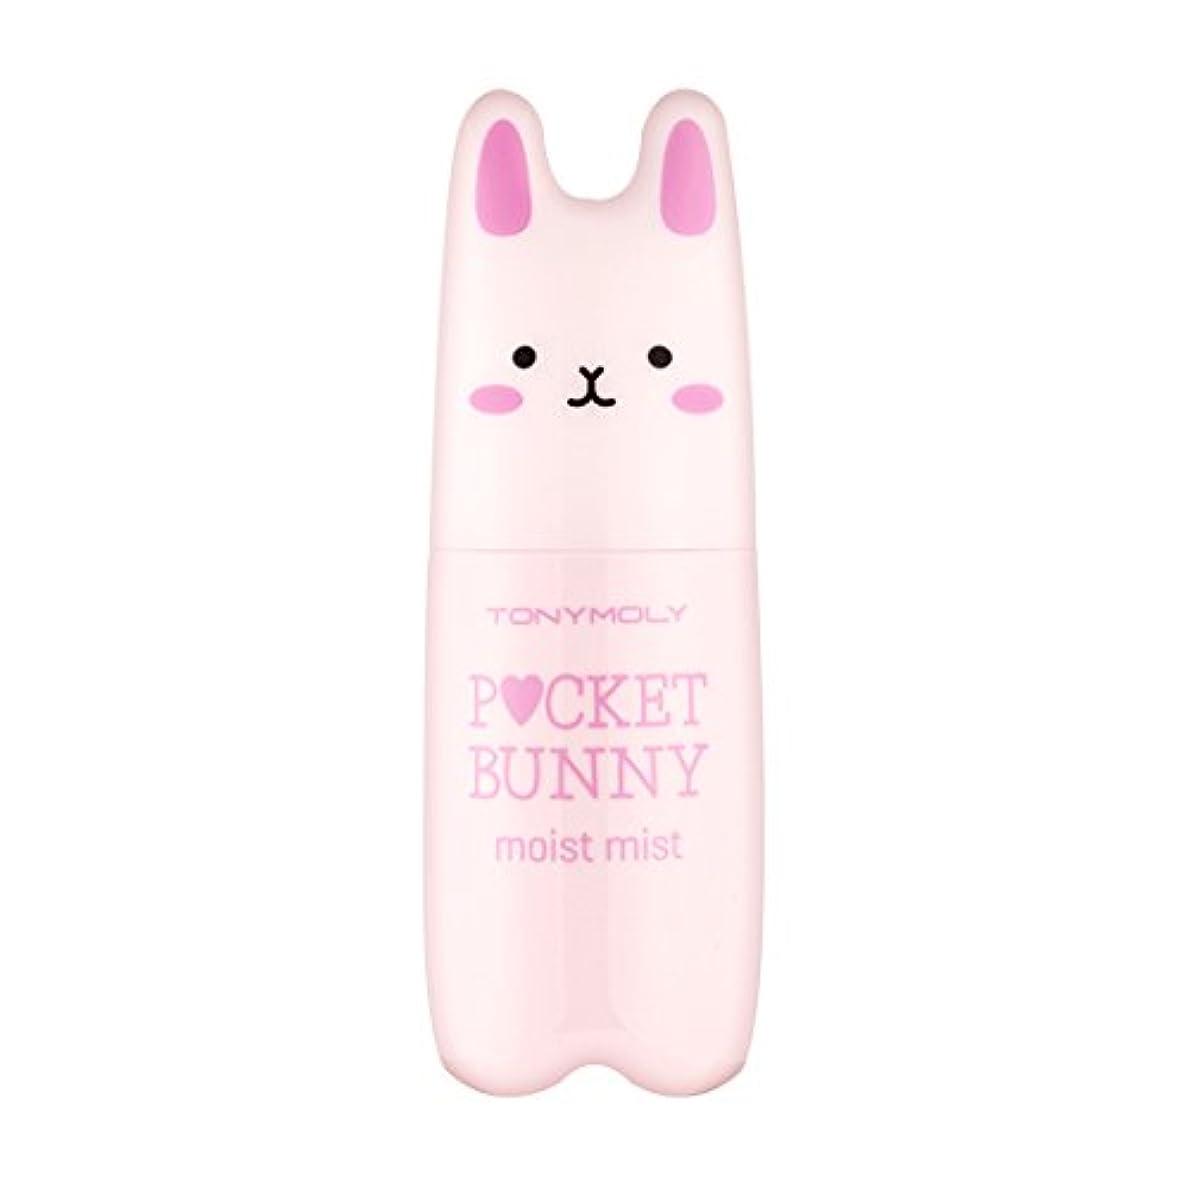 リズム毎週母性TONYMOLY(トニーモリー) Poket Bunny Mist ポケット バニー ミスト しっとりミスト [並行輸入品]